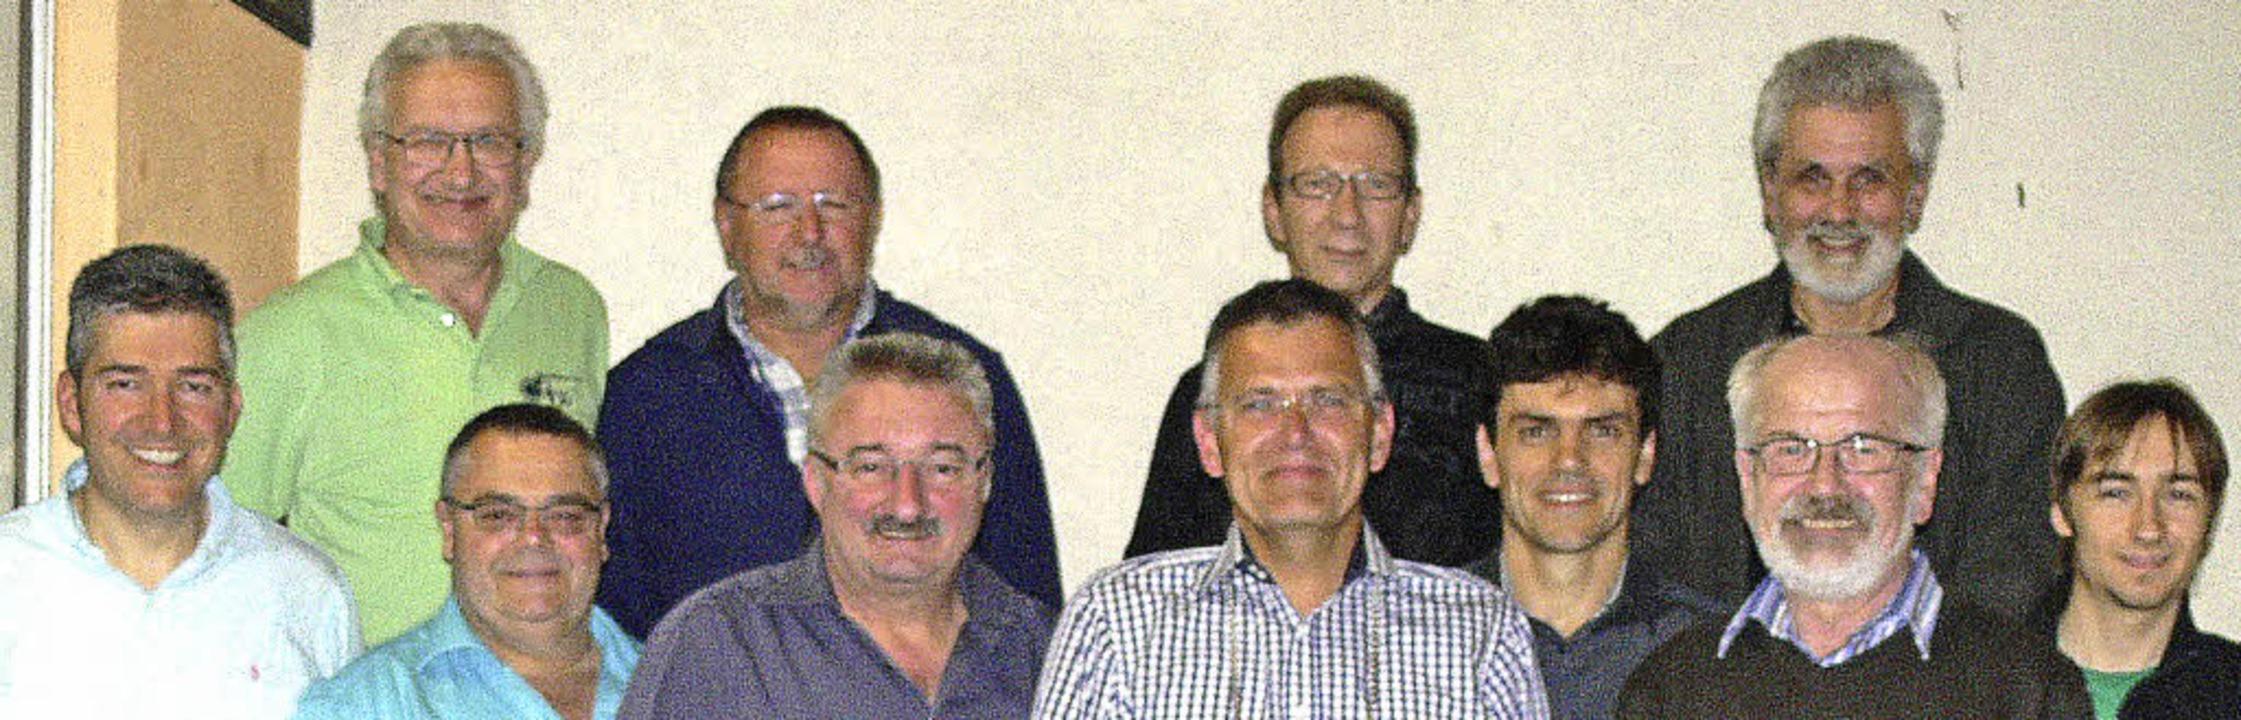 Der neue Vorstand des fusionierten Kre...Hurst, Peter Matsander und Eric Kempf   | Foto: dieter fink